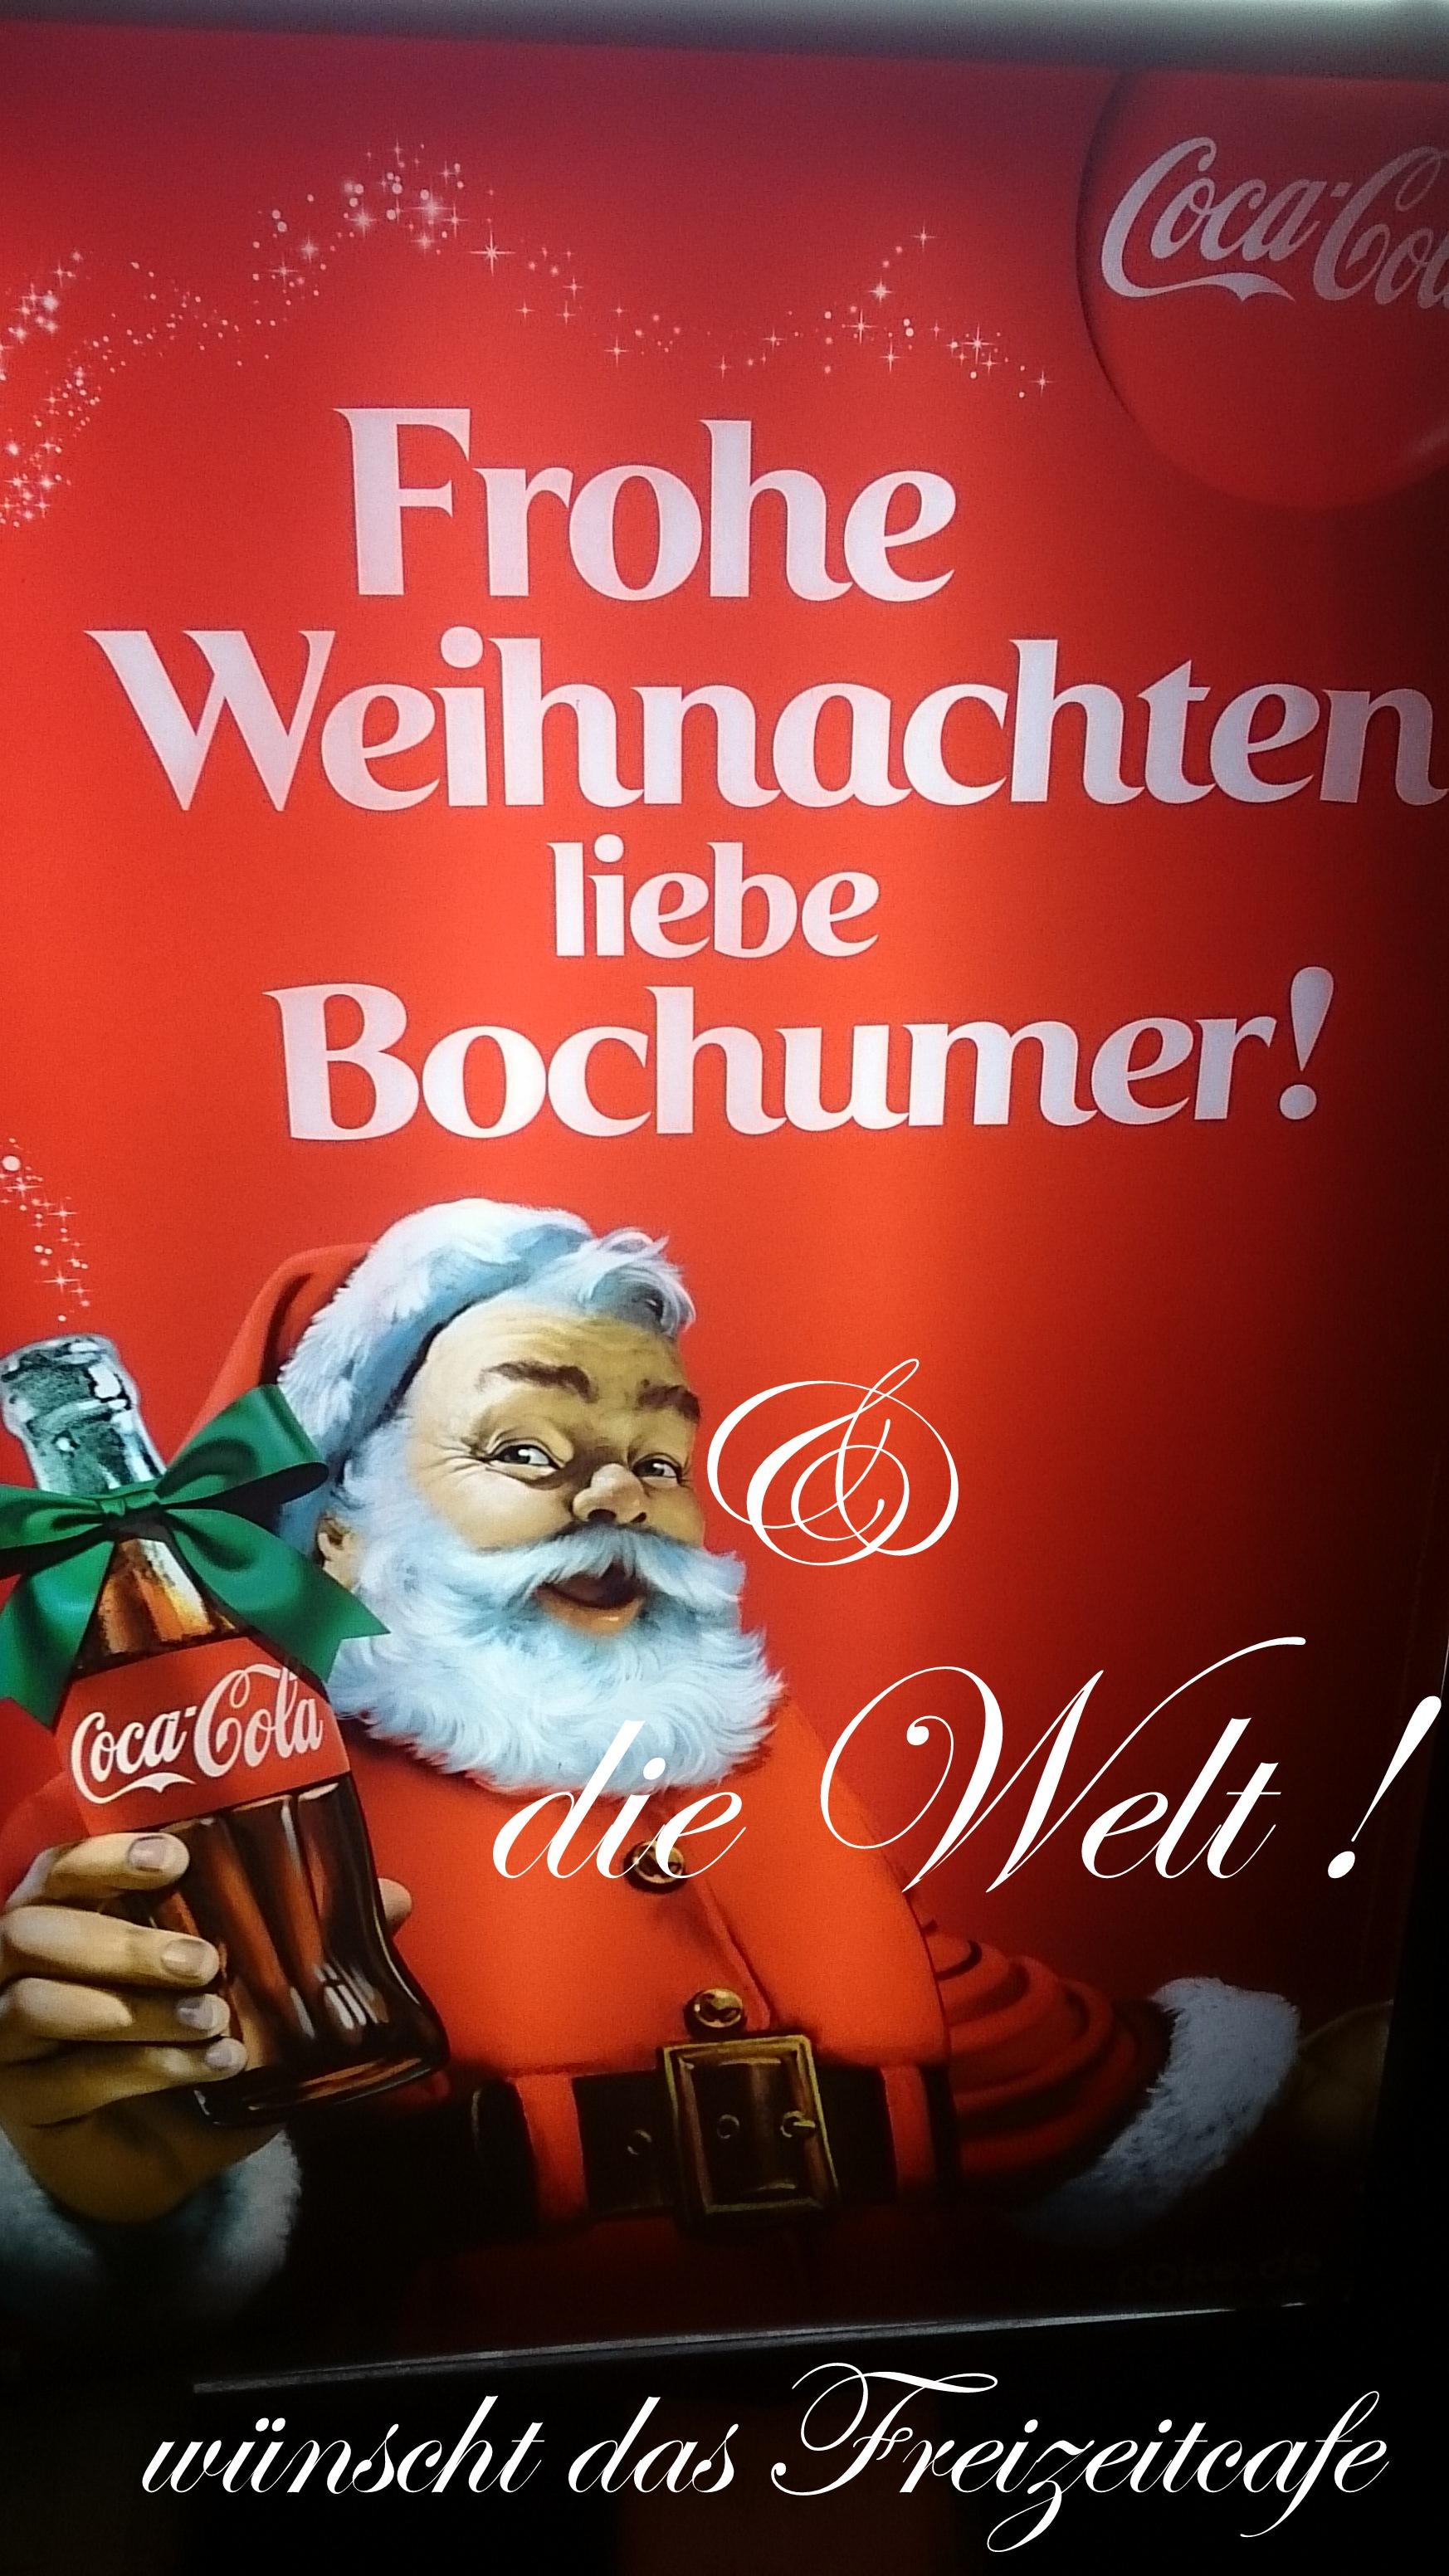 Frohe Weihnachten überall.Fröhliche Weihnacht überall Wünscht Euch Das Freizeitcafe